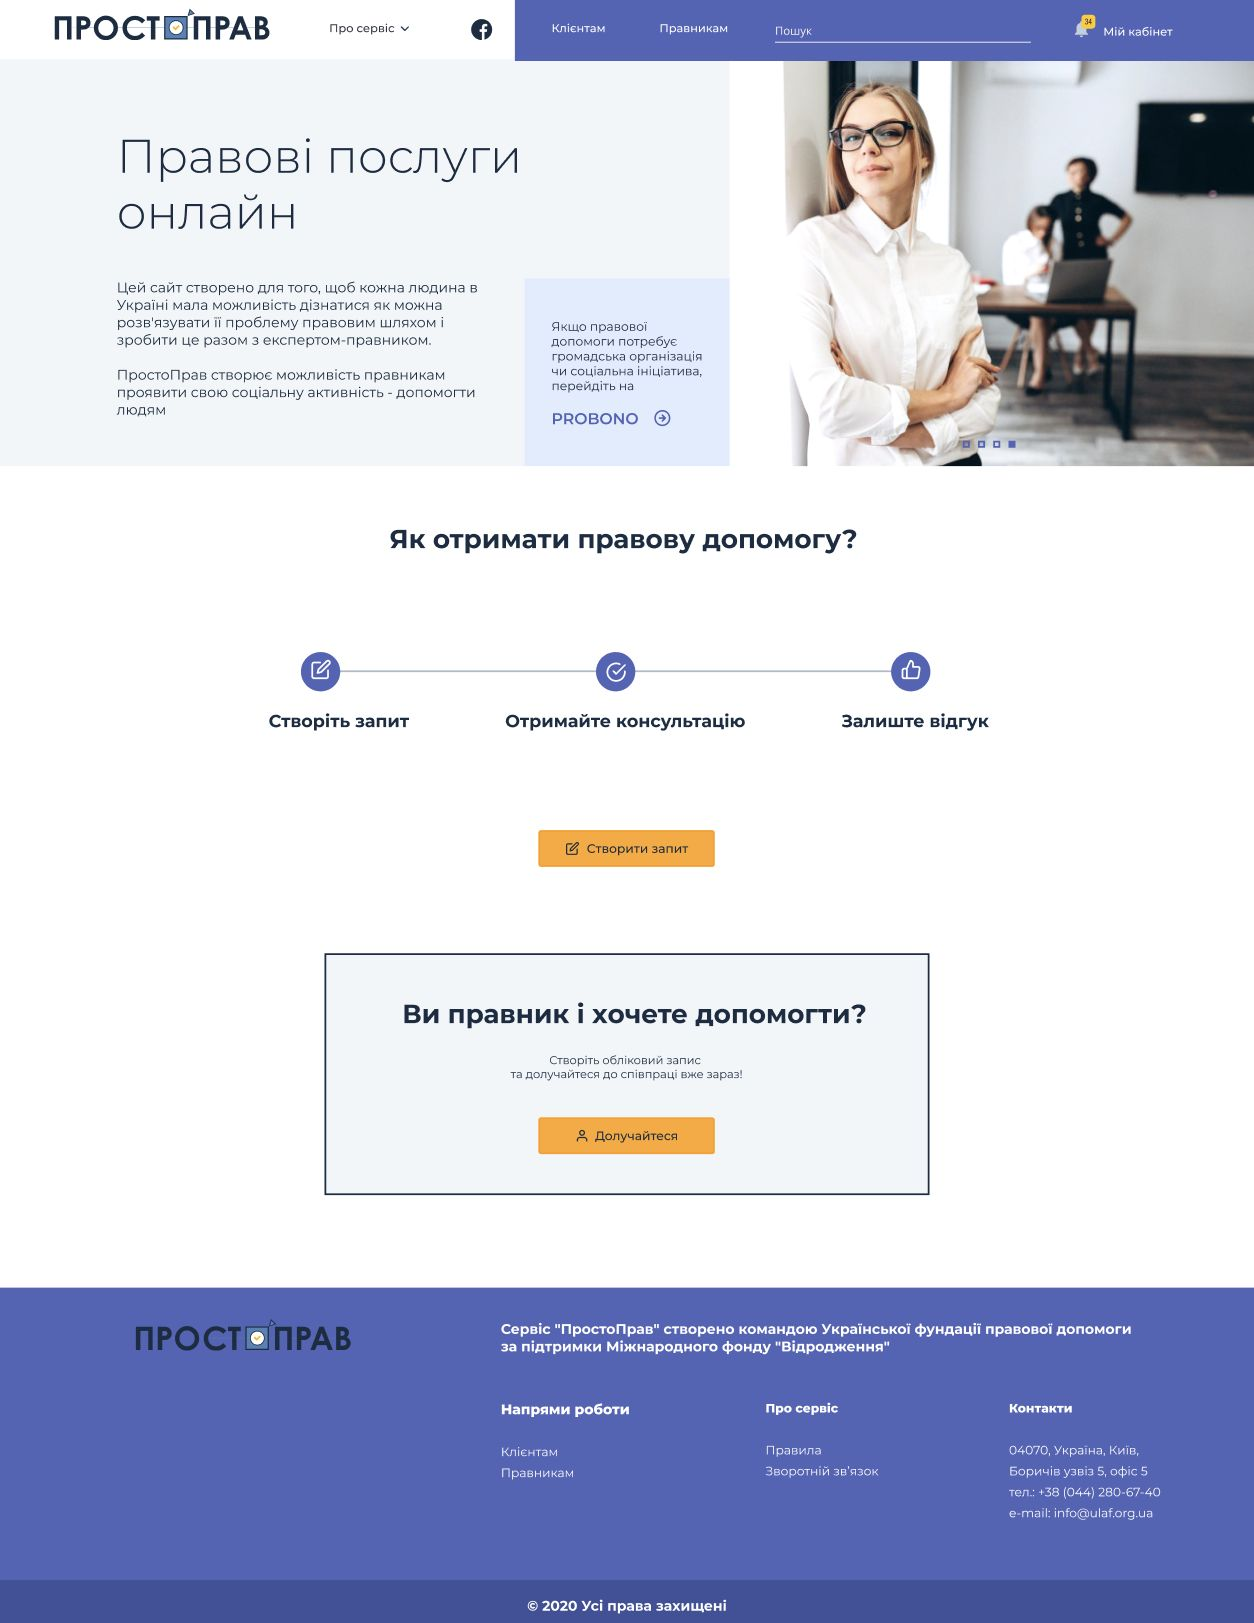 prostoprav-homepage-full